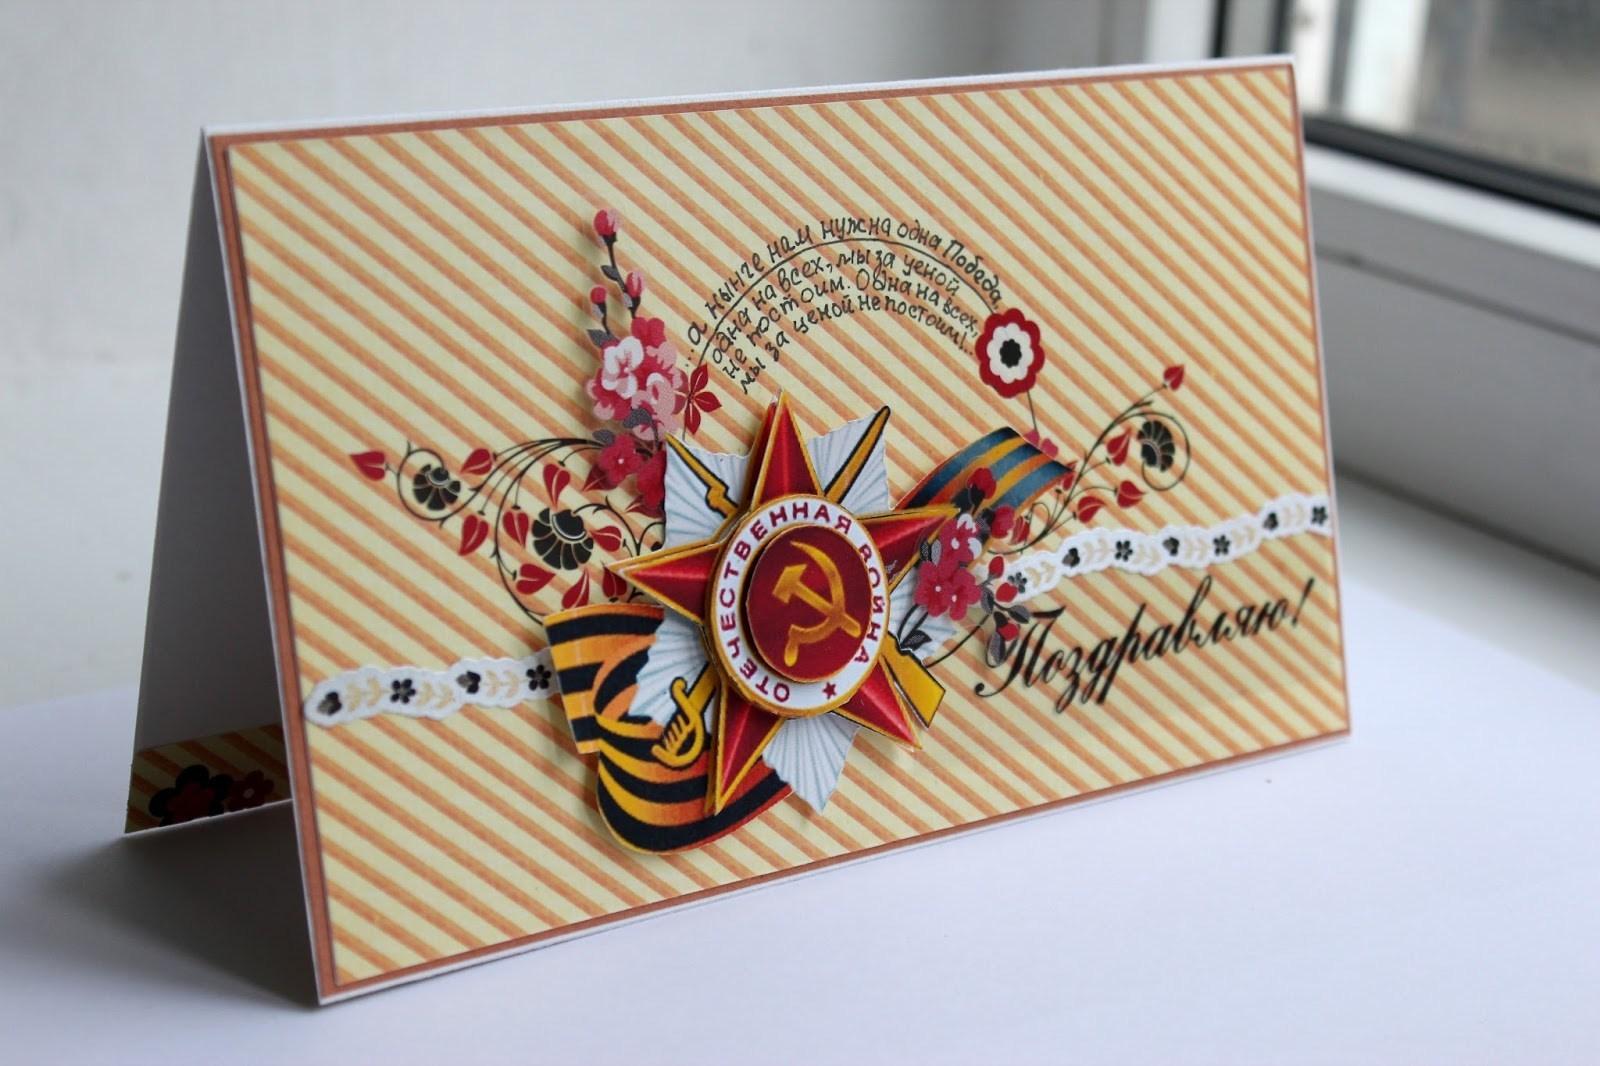 Изготовление праздничных открыток и плакатов, словами поздравления днем